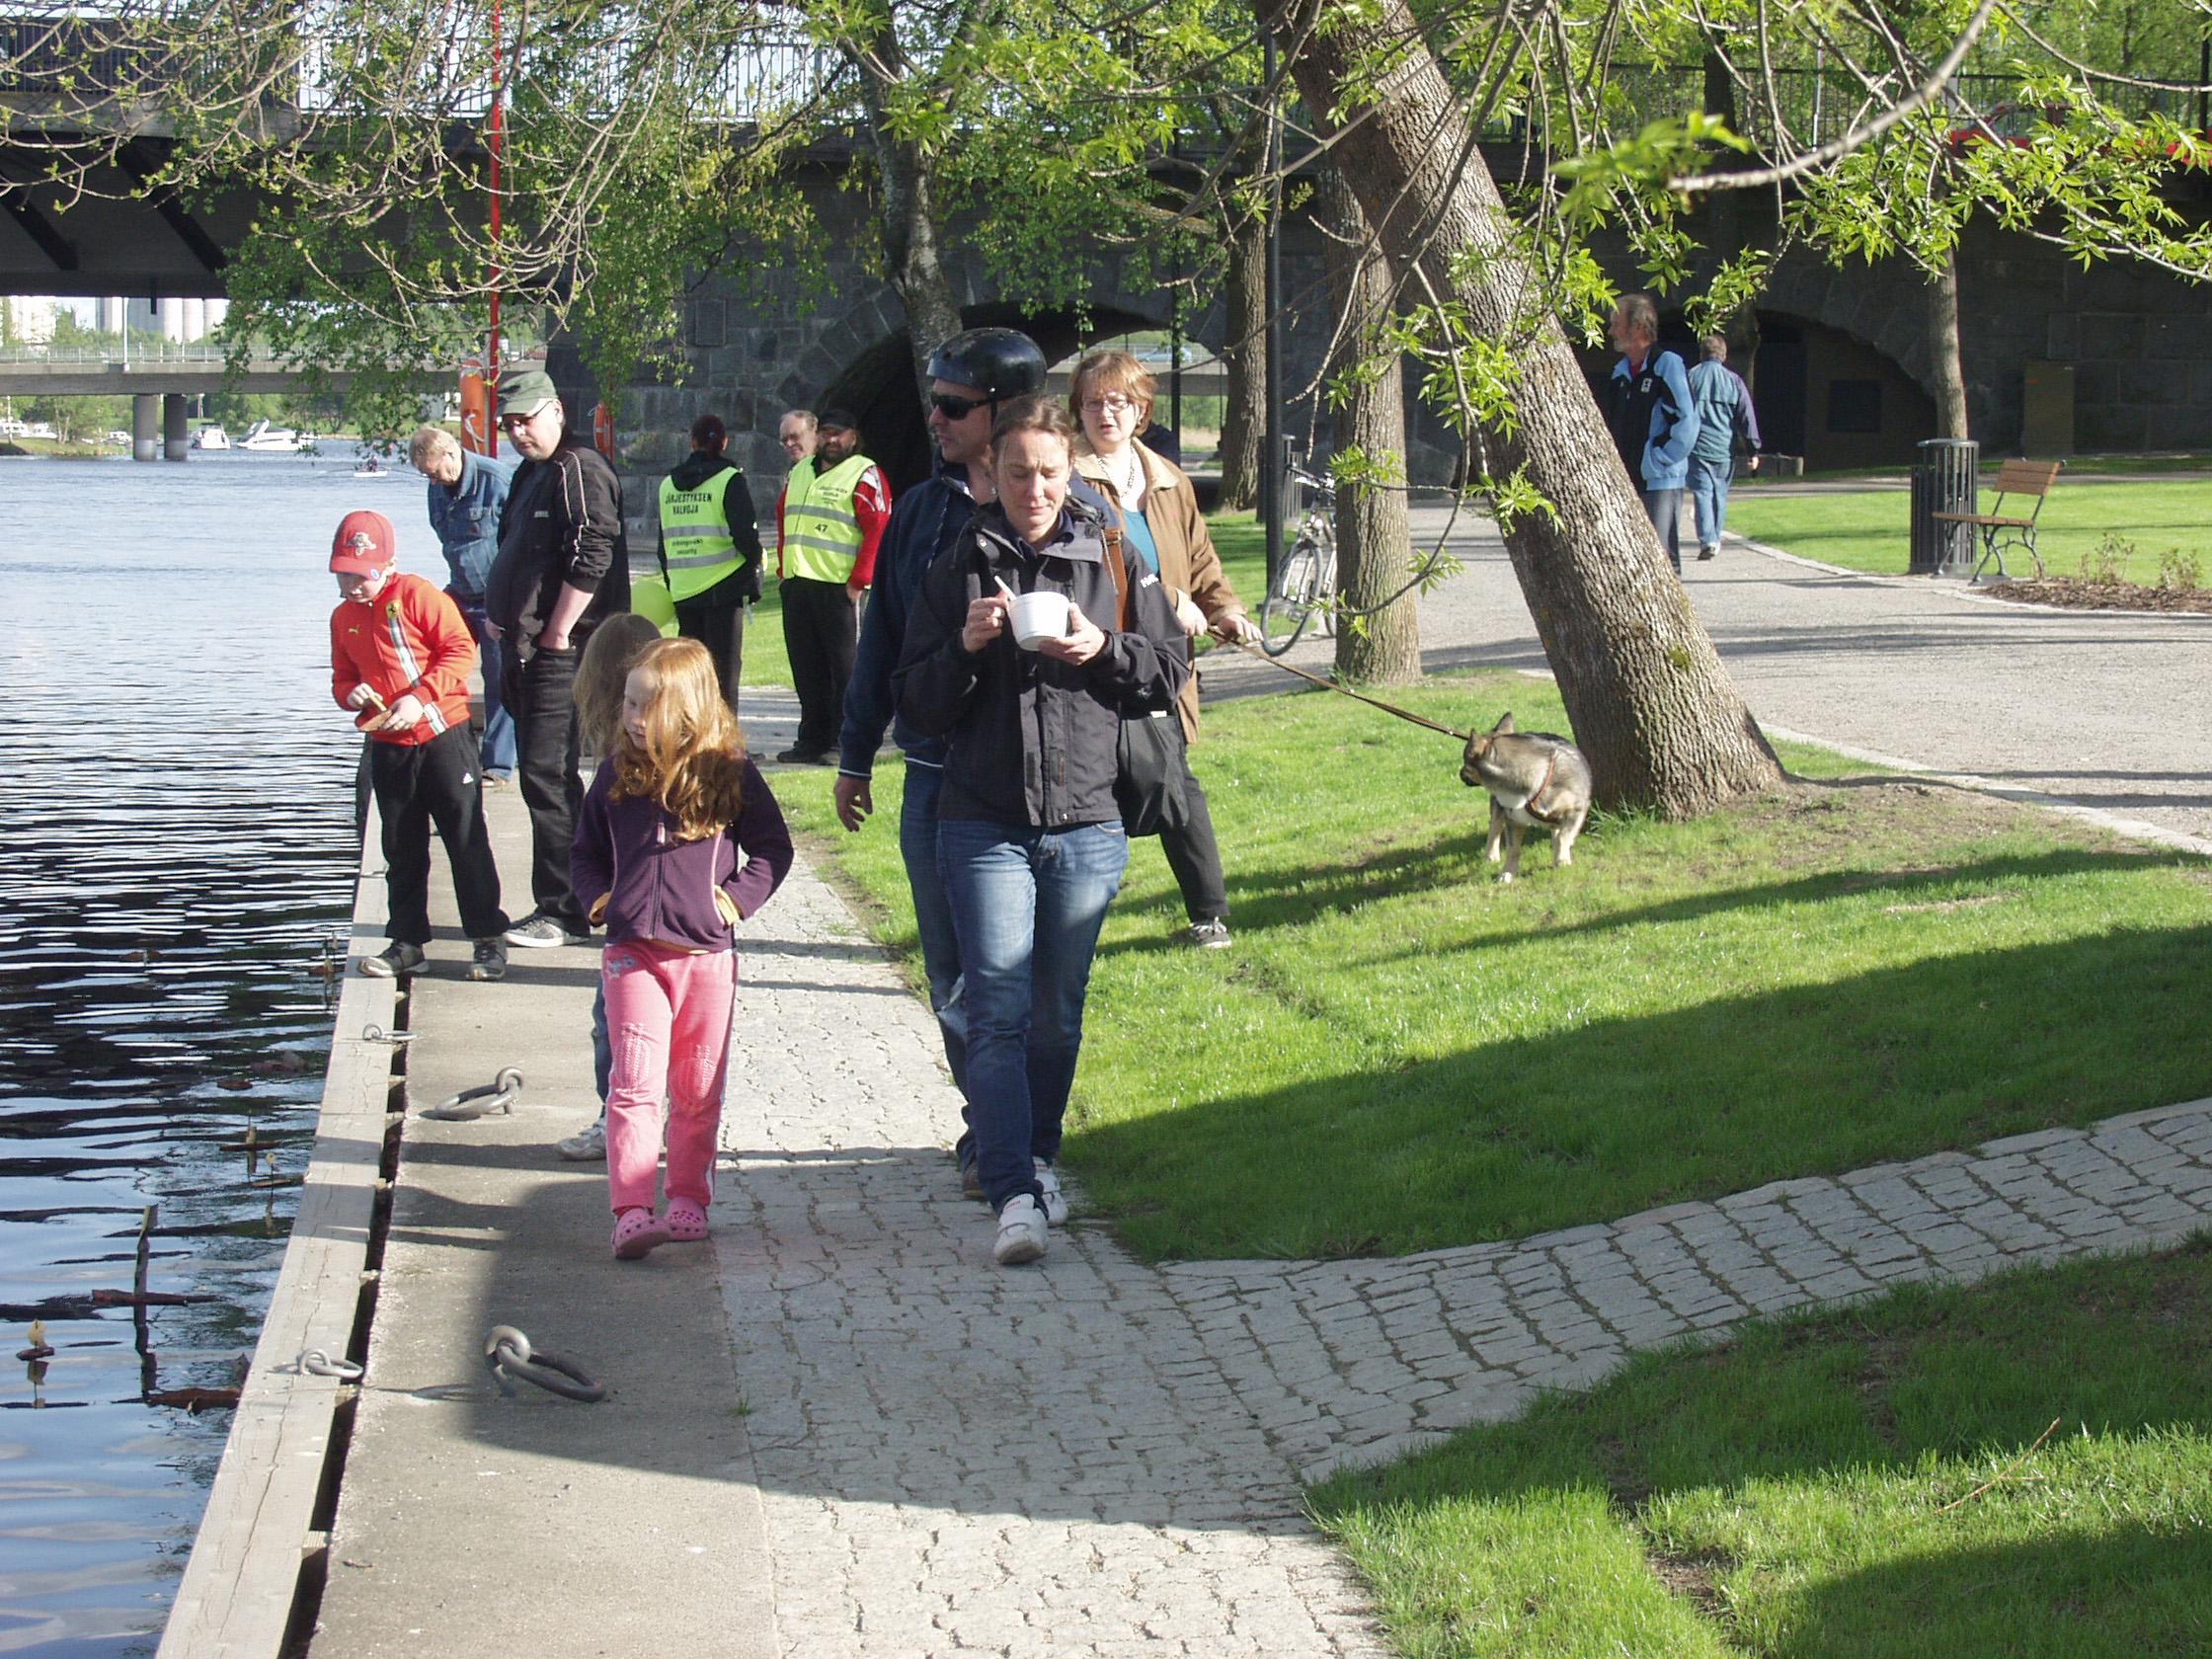 https://kansallisetkaupunkipuistot.fi/wp-content/uploads/2020/05/Laivarannanpuisto_HML_SusannaLappalainen.jpg